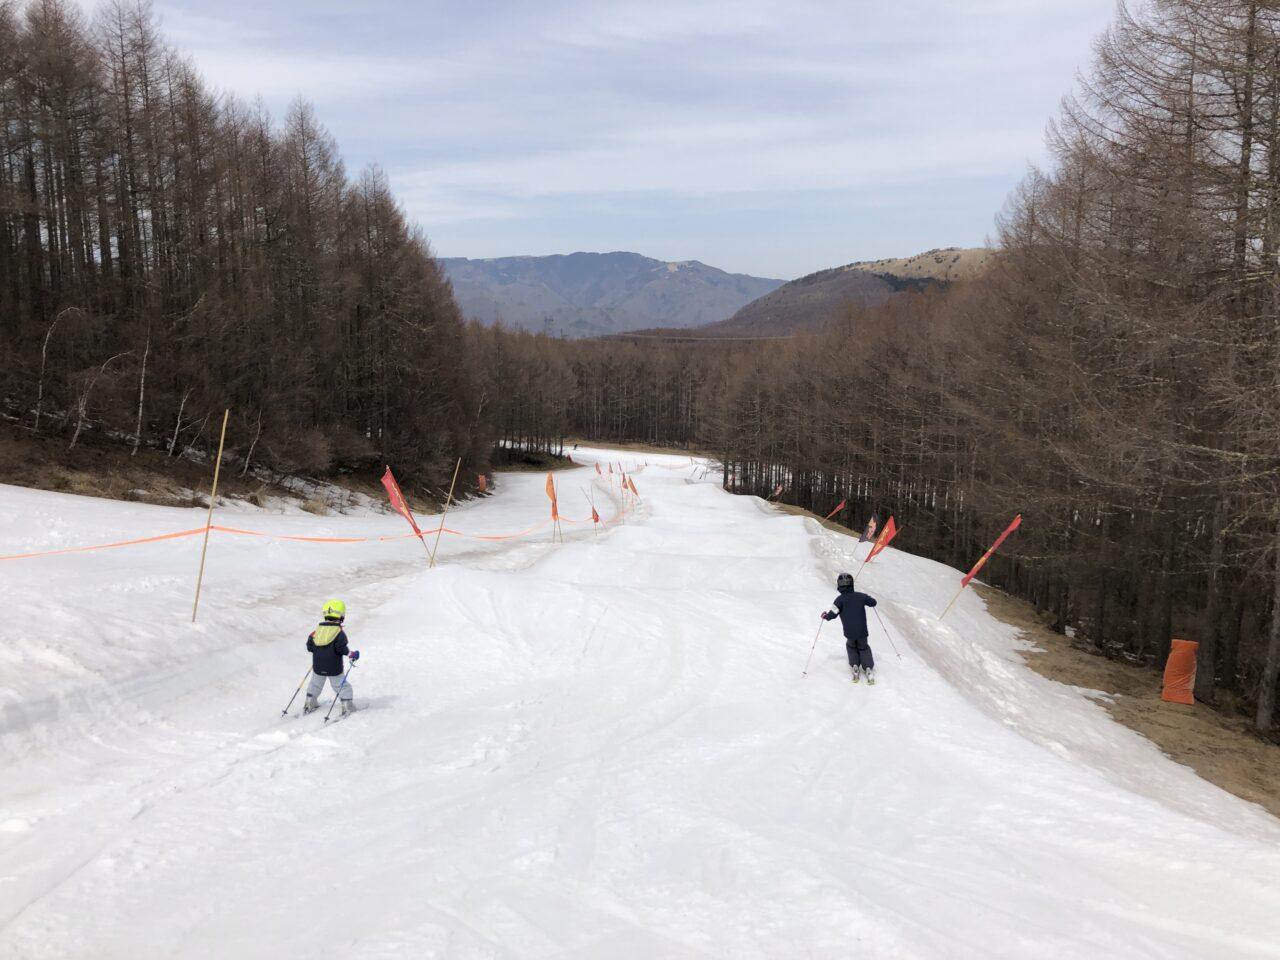 ブランシュたかやま 無料スキーレッスン スプラッシュX